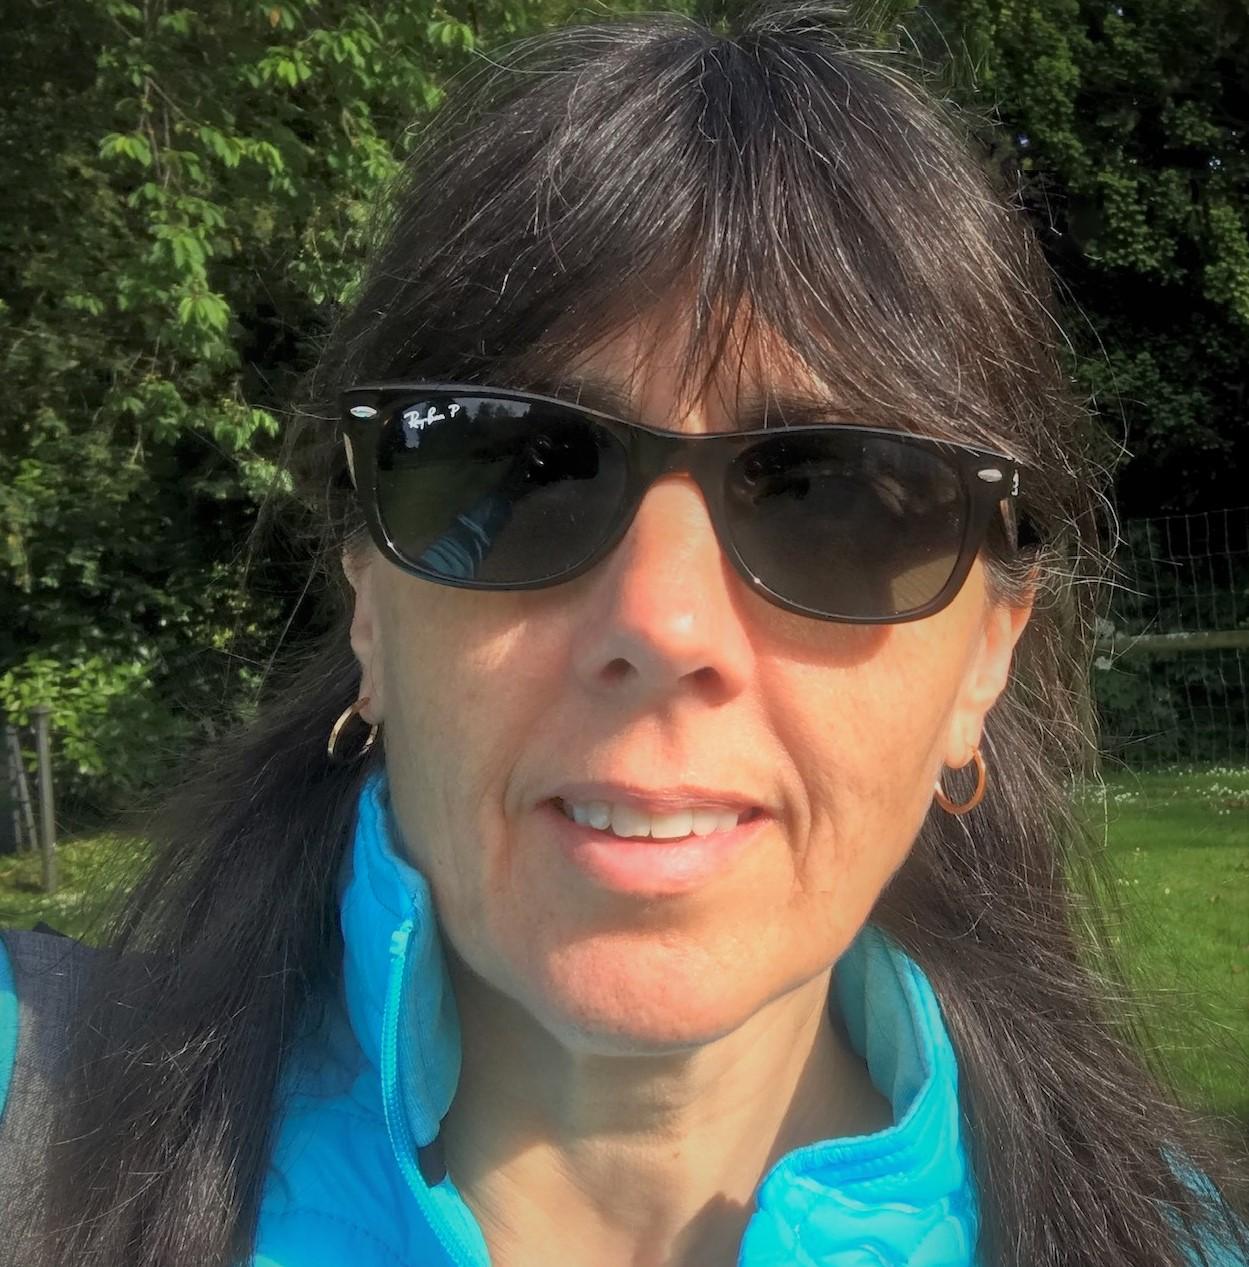 Helen Whitaker, teachers at Pilates in Sevenoaks